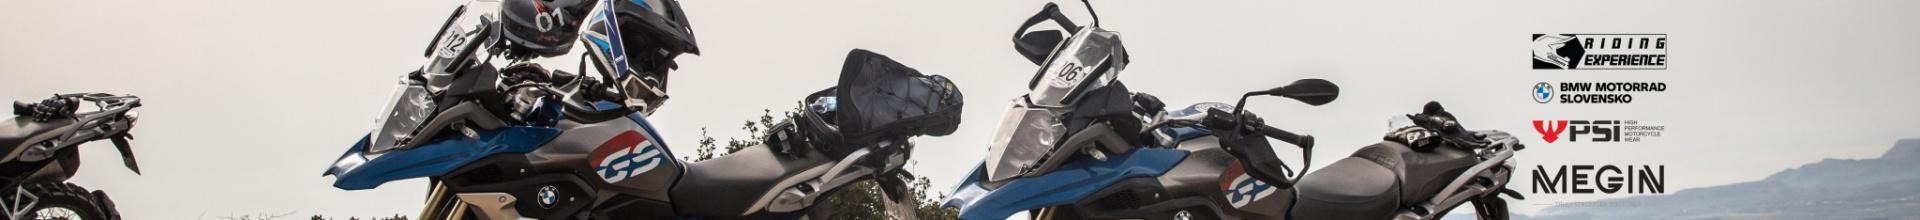 RMA Riding Experience - Španielsko